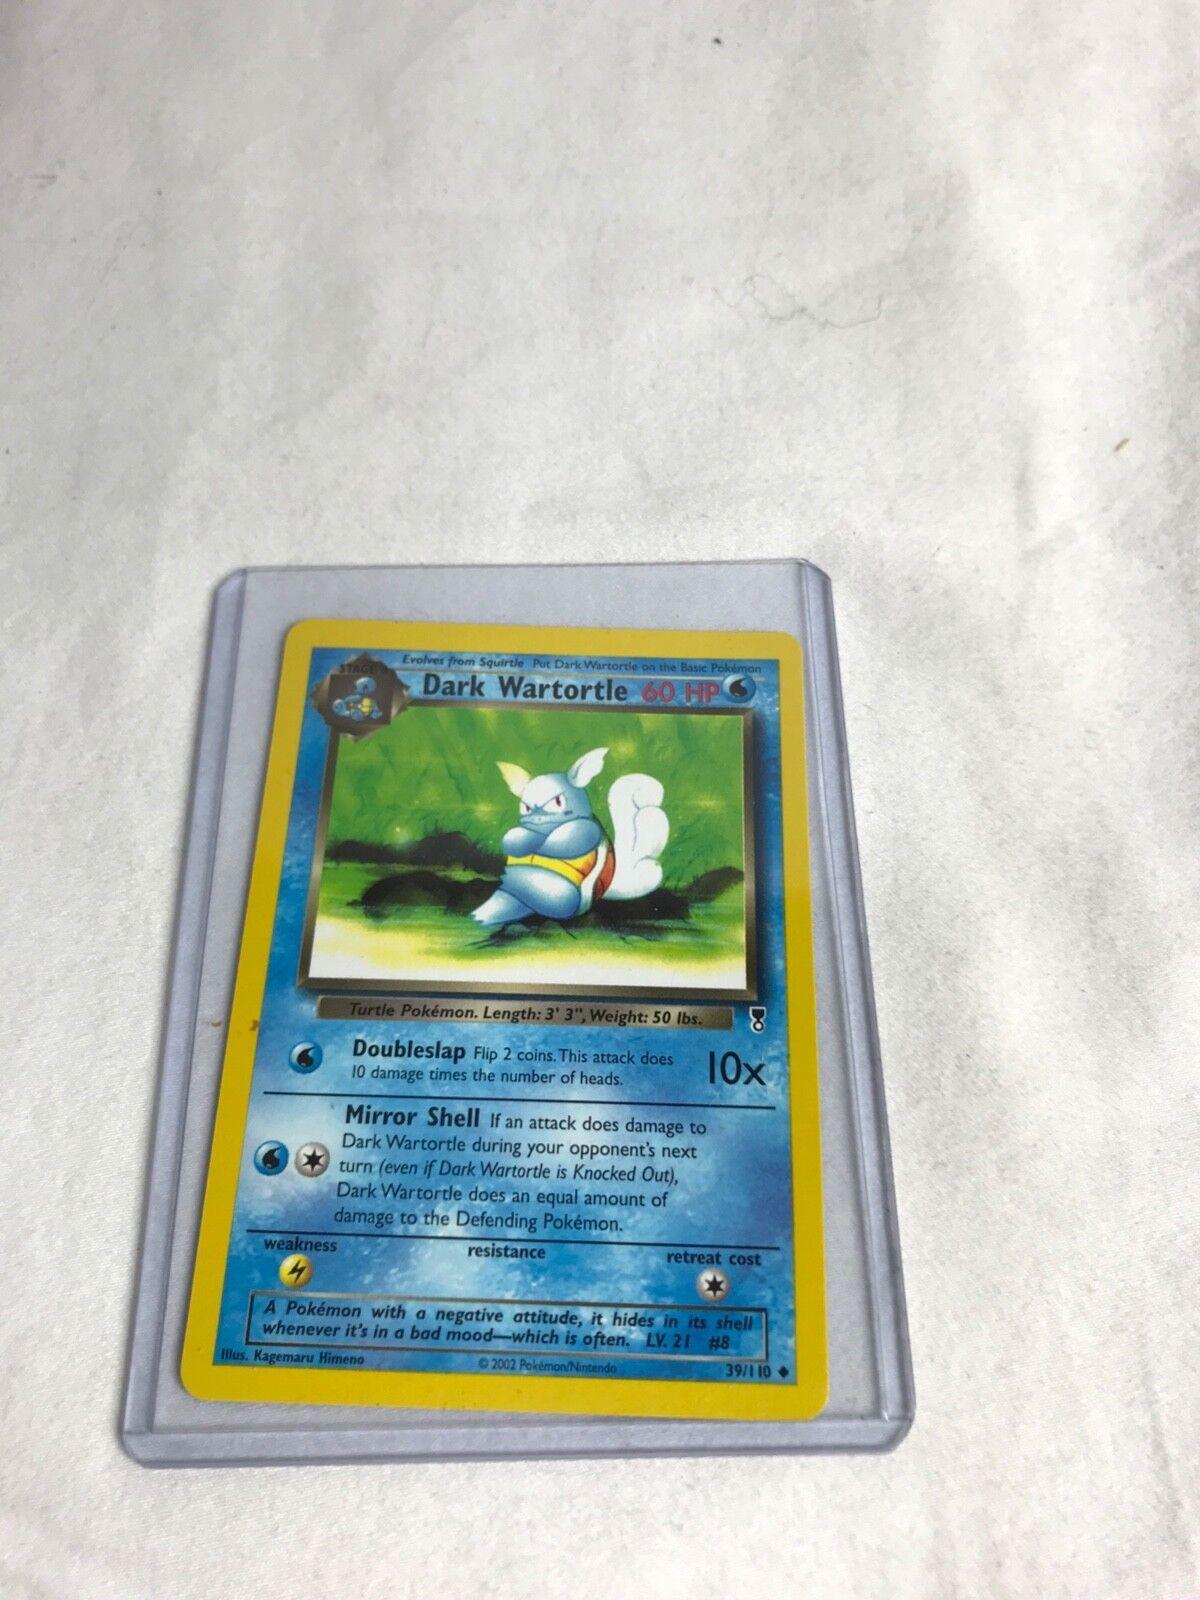 Dark Wartortle 39 110 110 110 - Legendary Collection 9 MINT Pokémon Card e03a6b